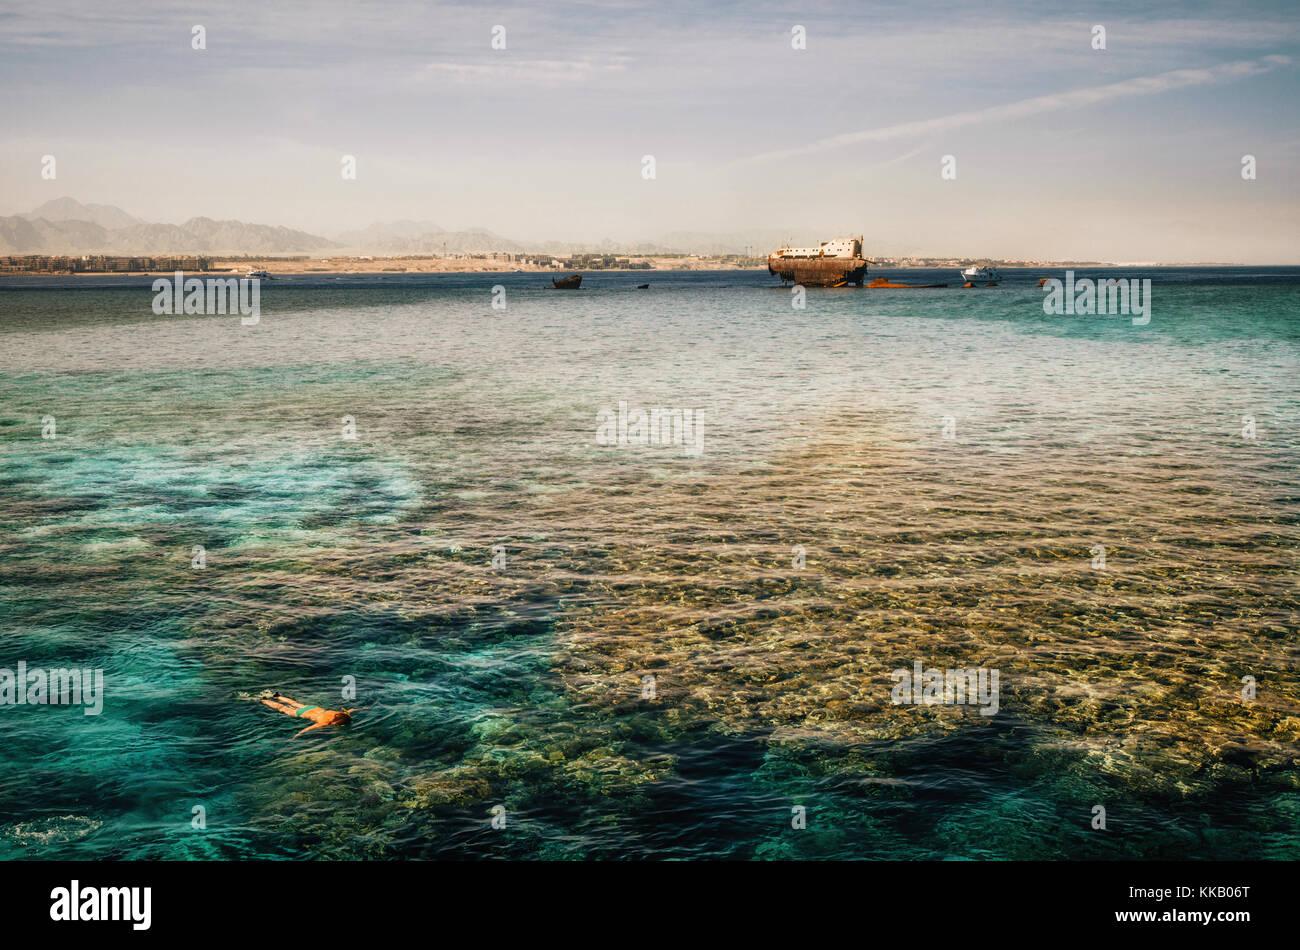 Frau Schnorcheln neben der Schiffbruch an der Gordon Reef in der Straße von Tiran, im Roten Meer, in der Nähe Stockbild